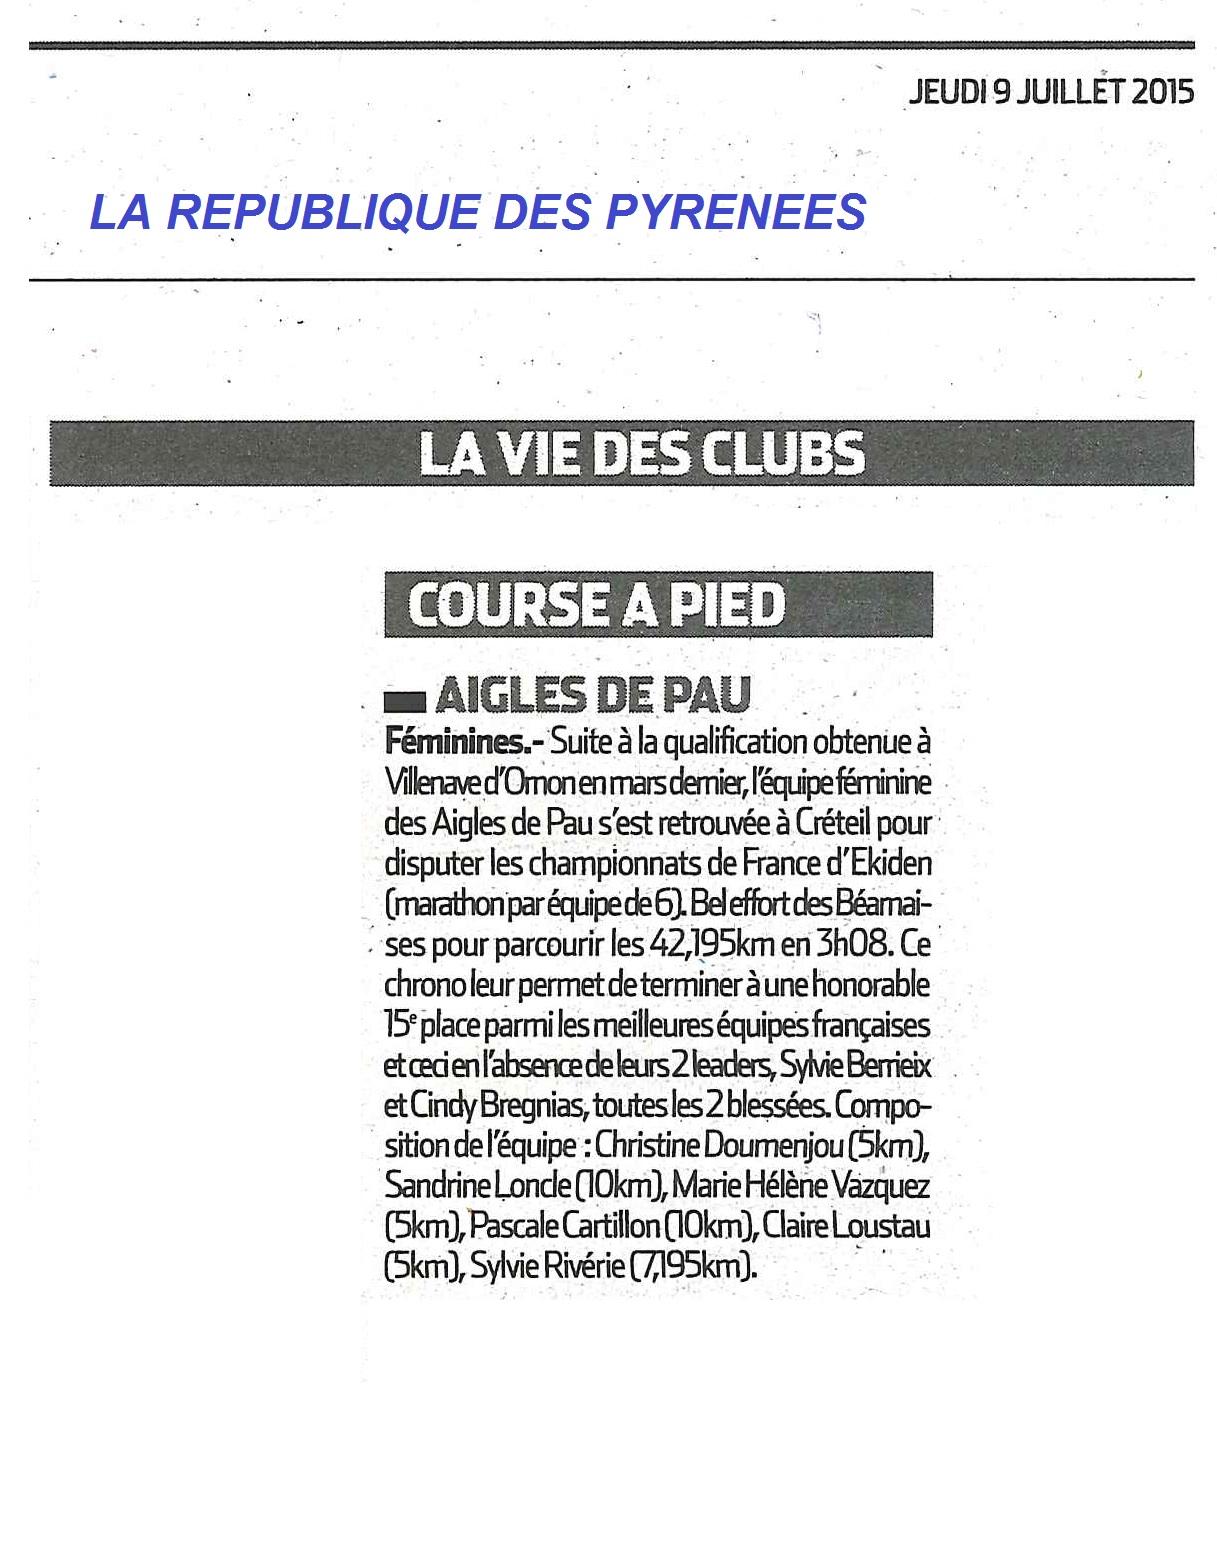 Vie des clubs - LaRep 9 juillet 2015